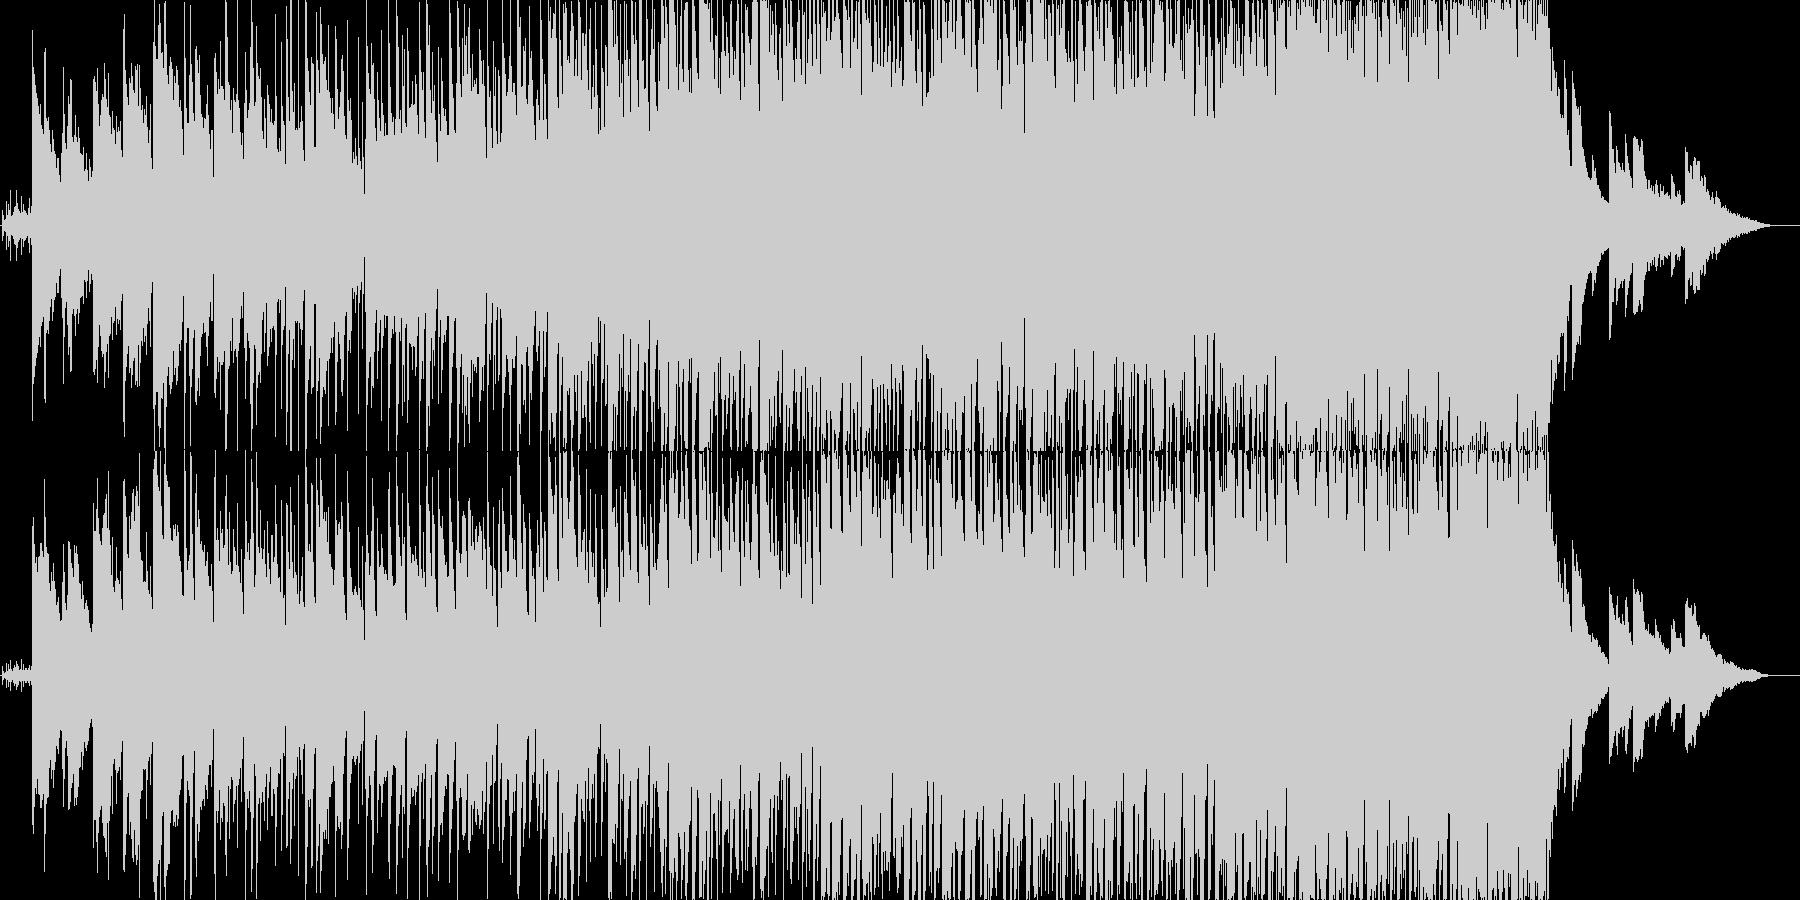 バンド系のバラード曲の未再生の波形